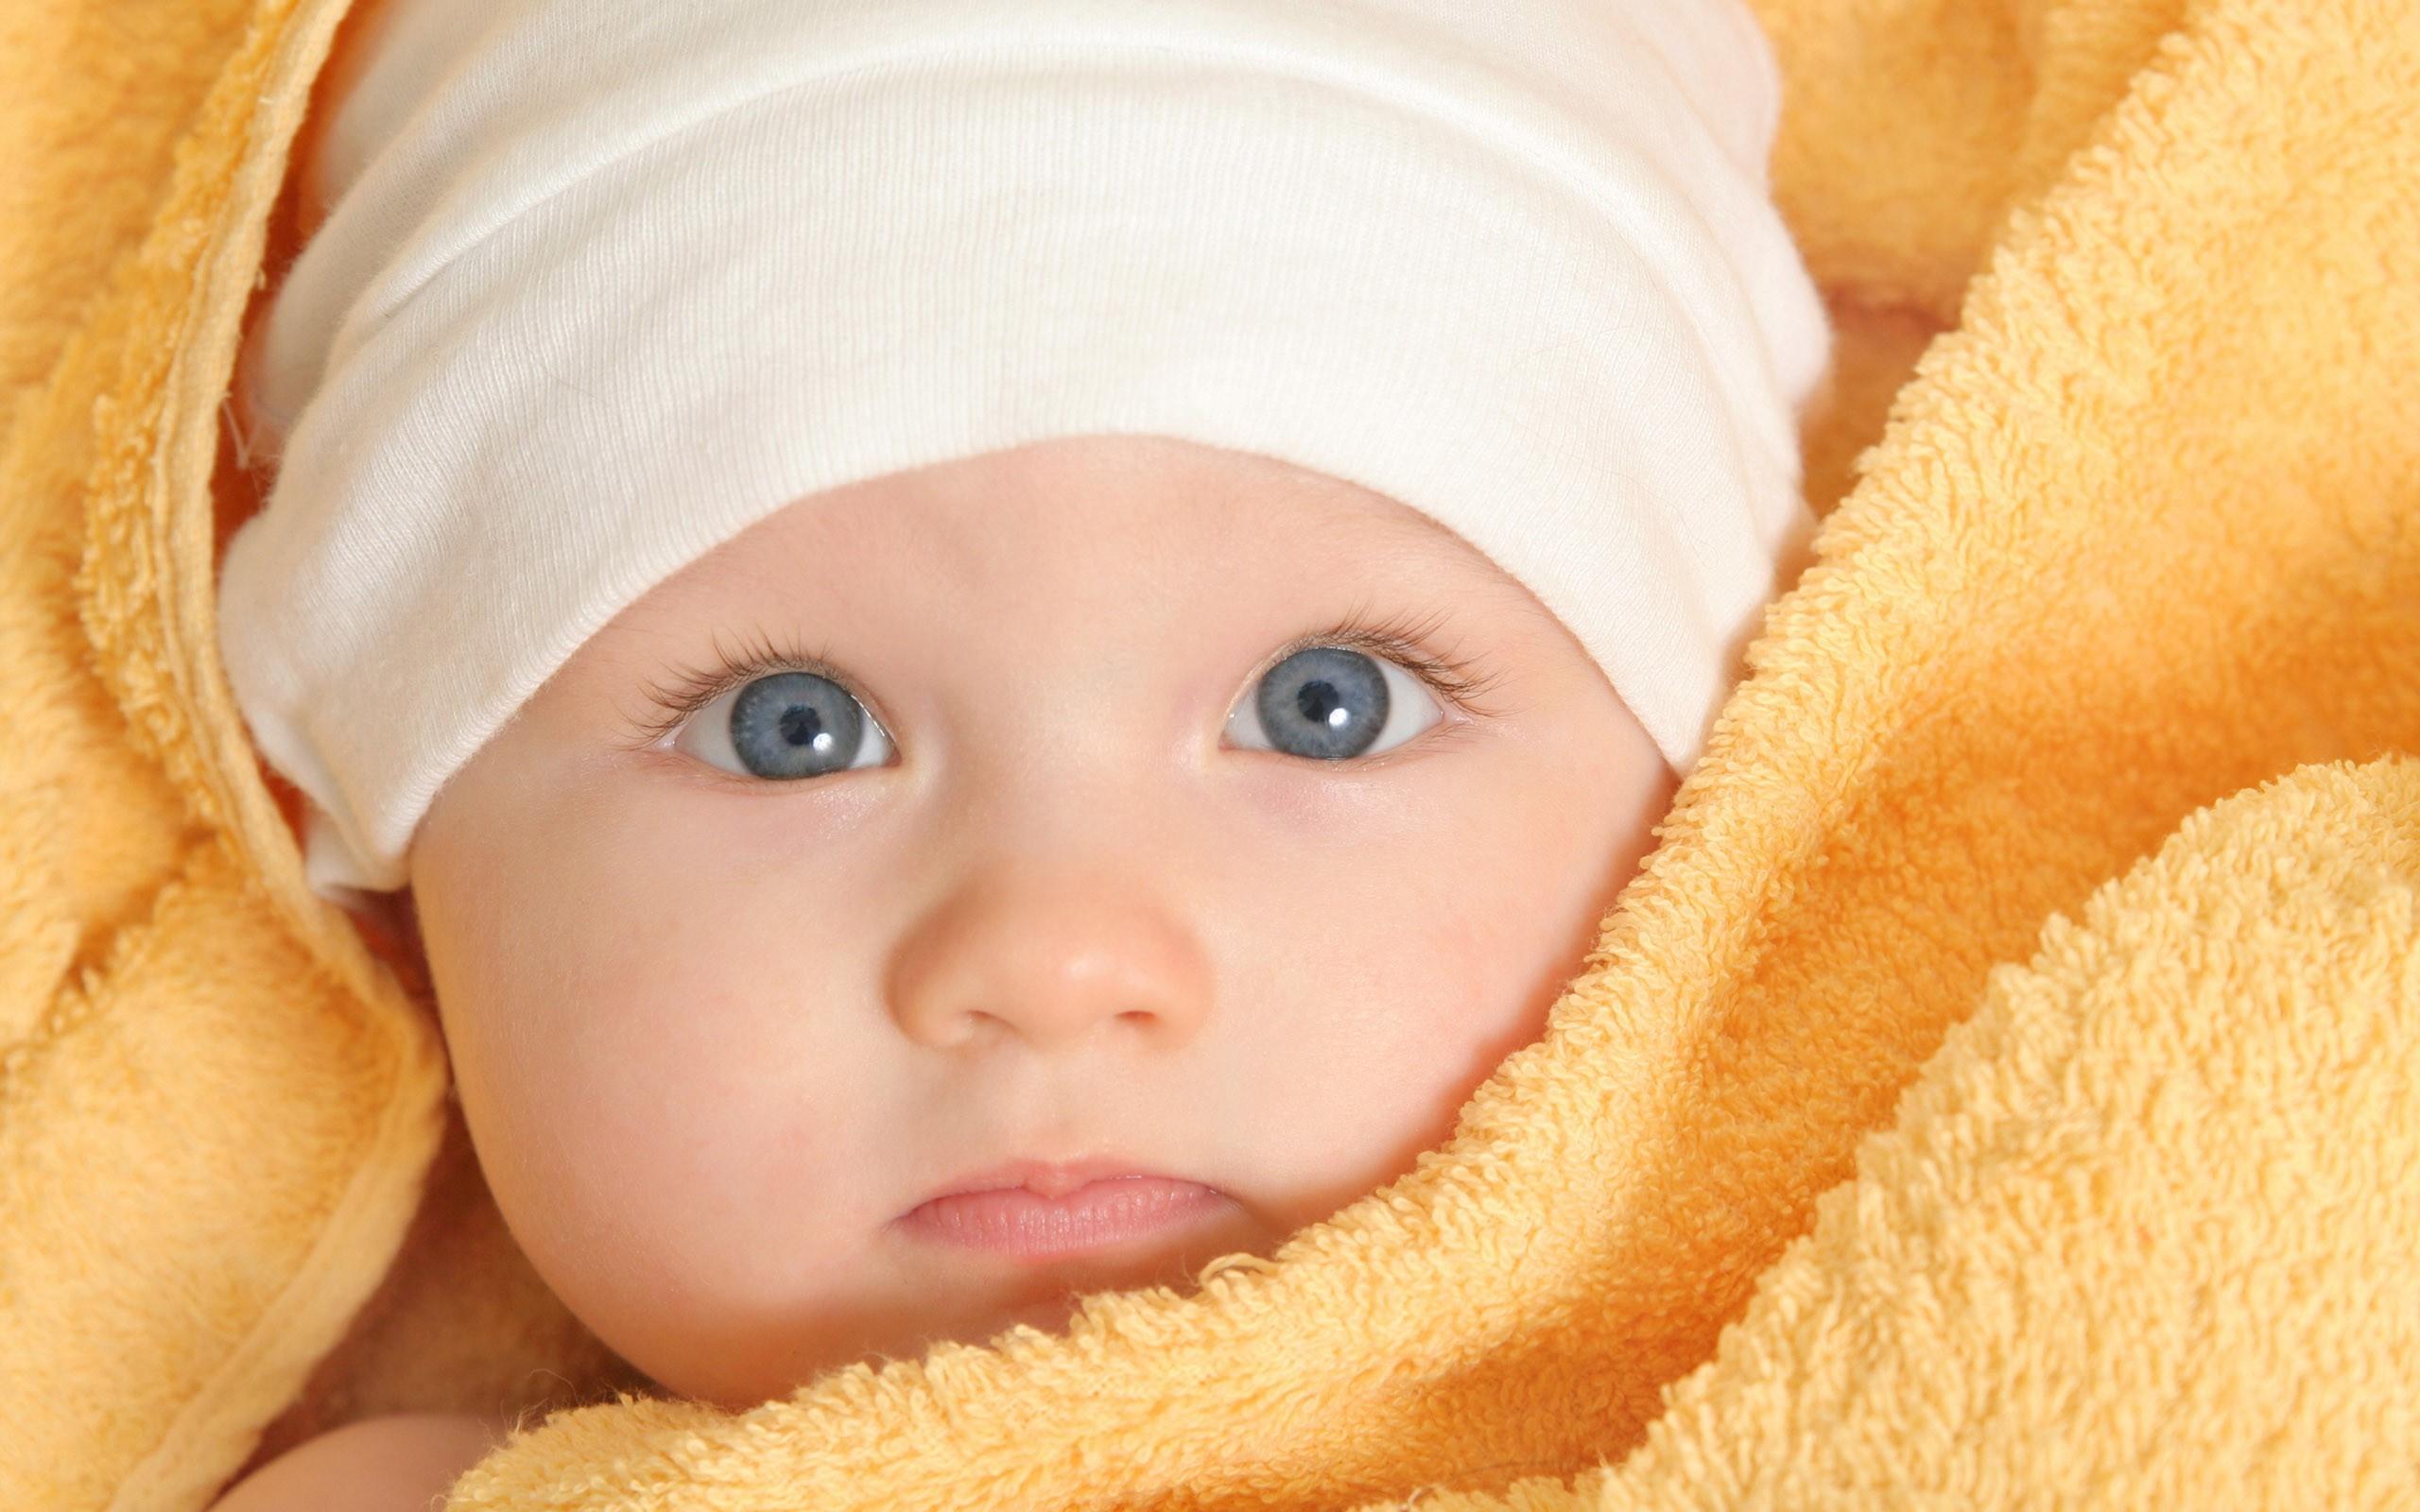 بالصور اجمل اطفال صغار , صور جميلة للاطفال 5681 8